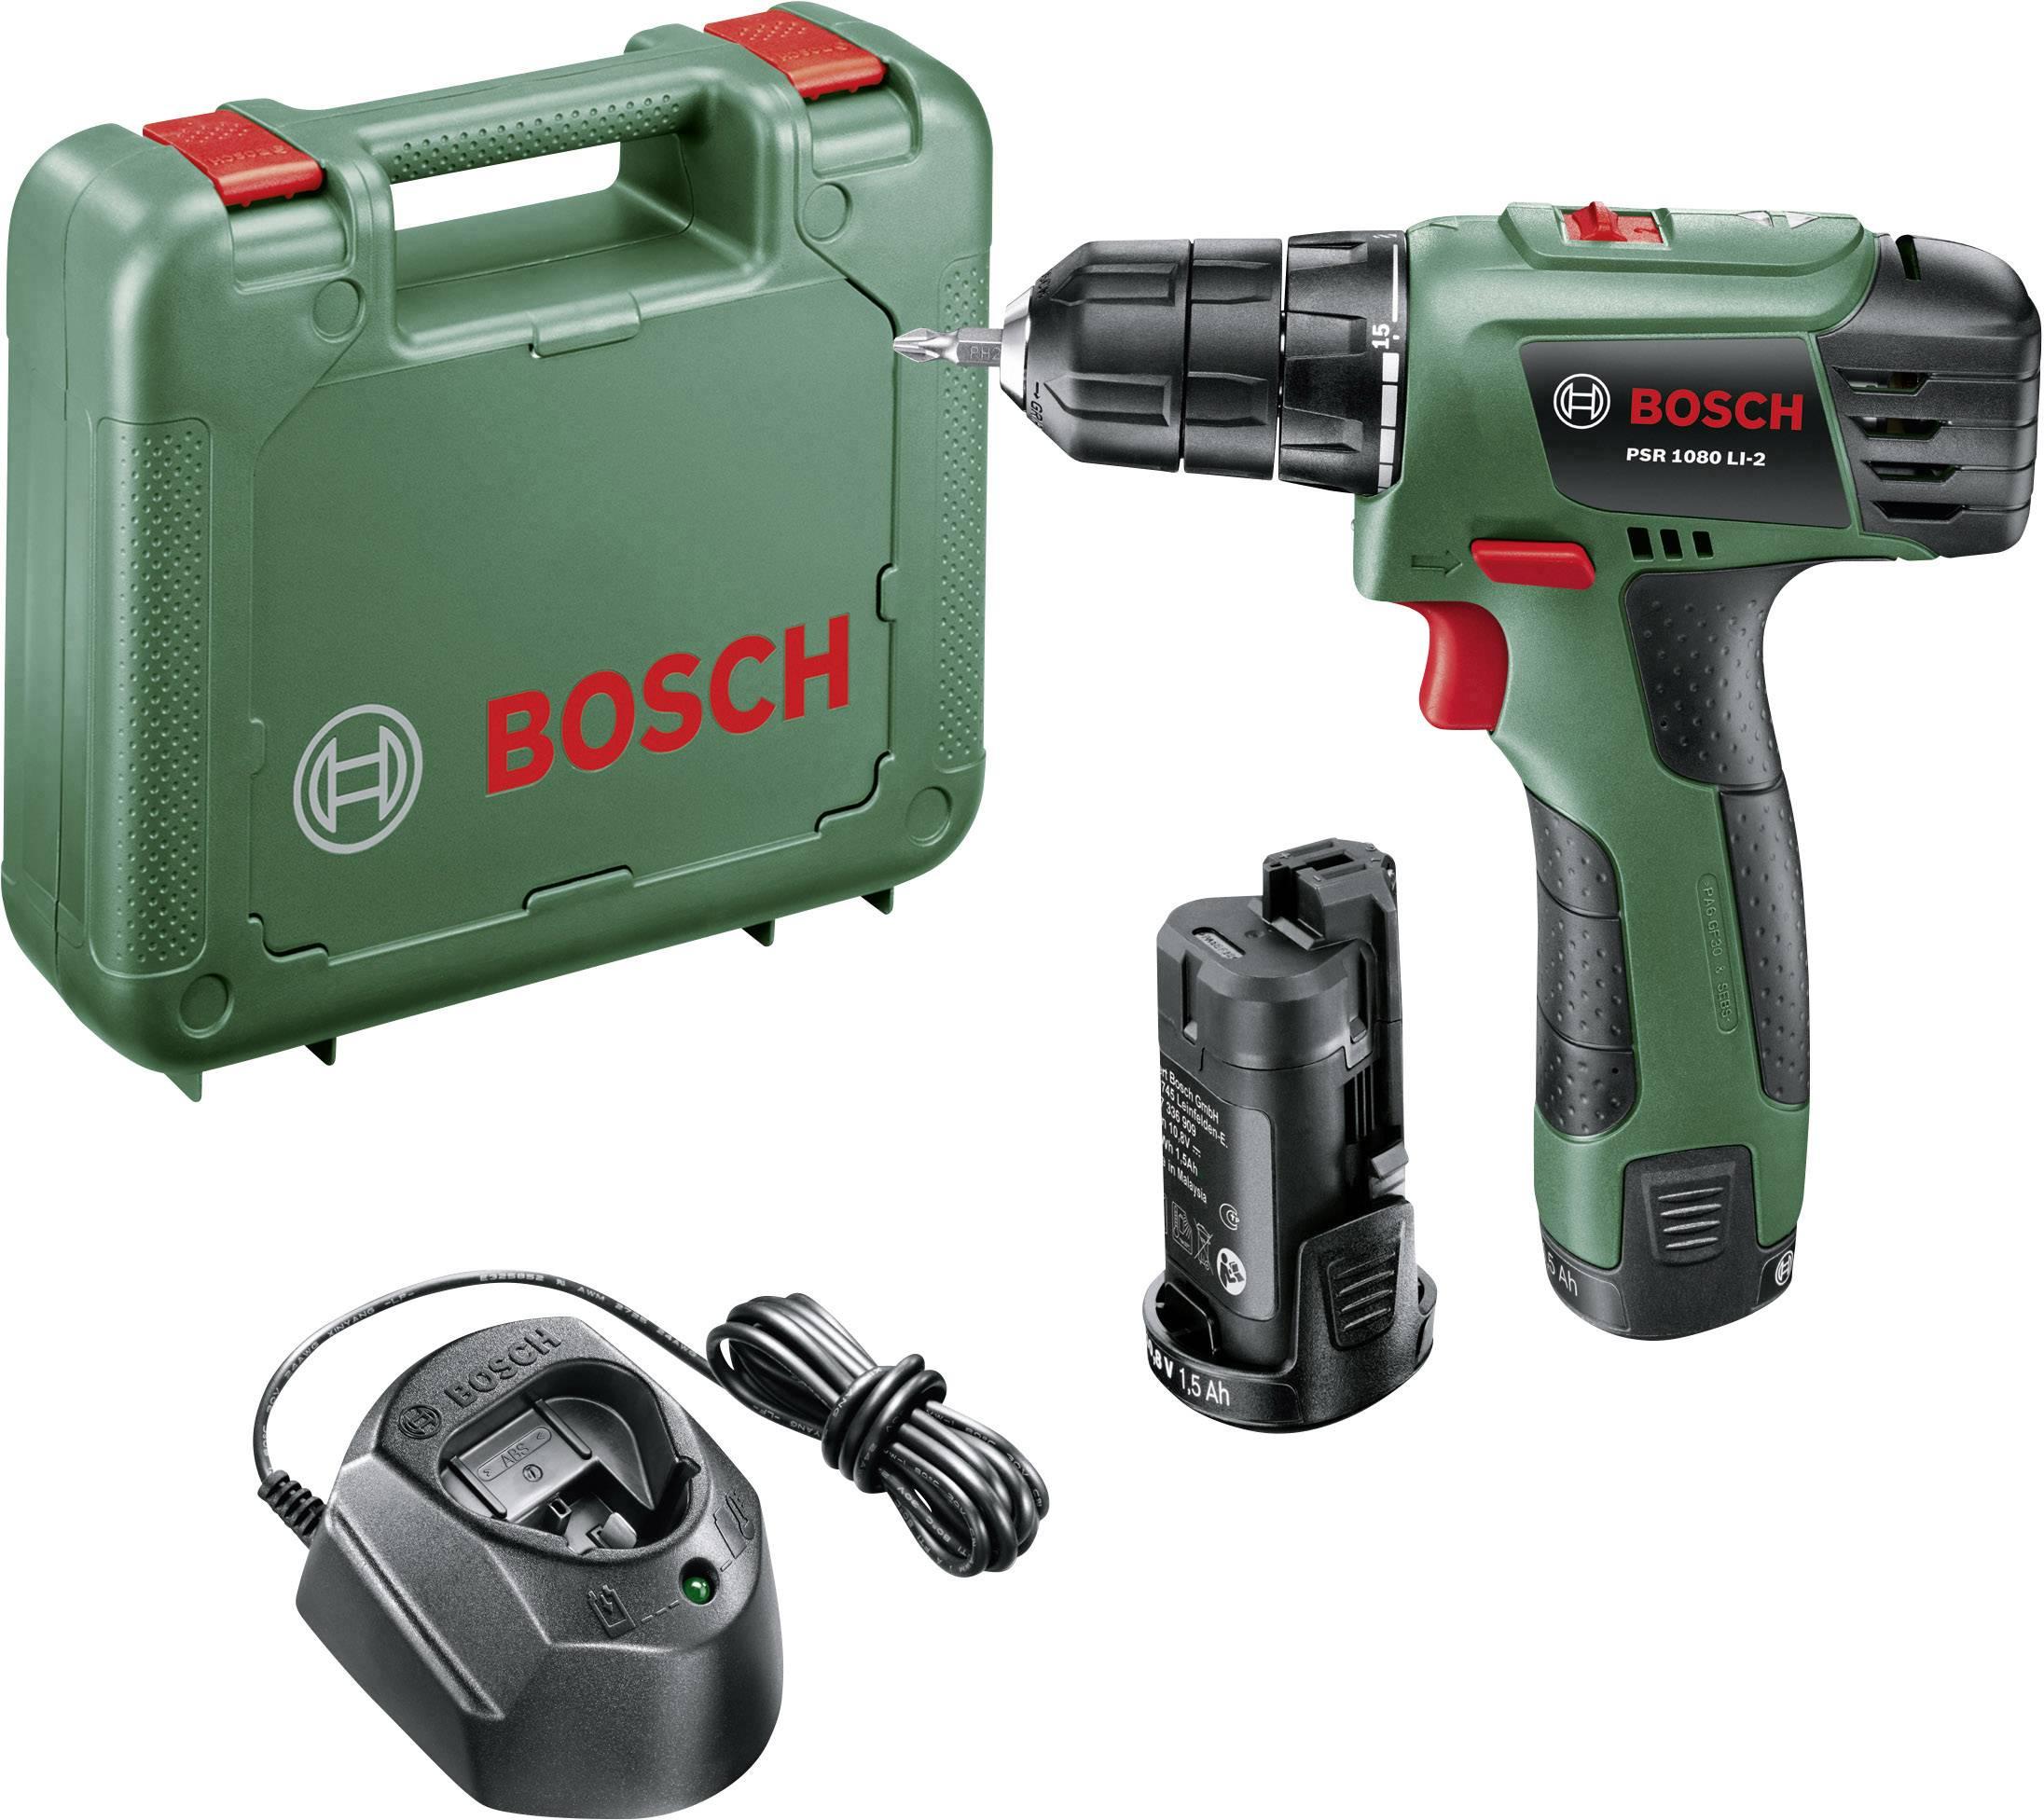 Bosch PSR 1080 LI-2 - Wkrętarka akumulatorowa